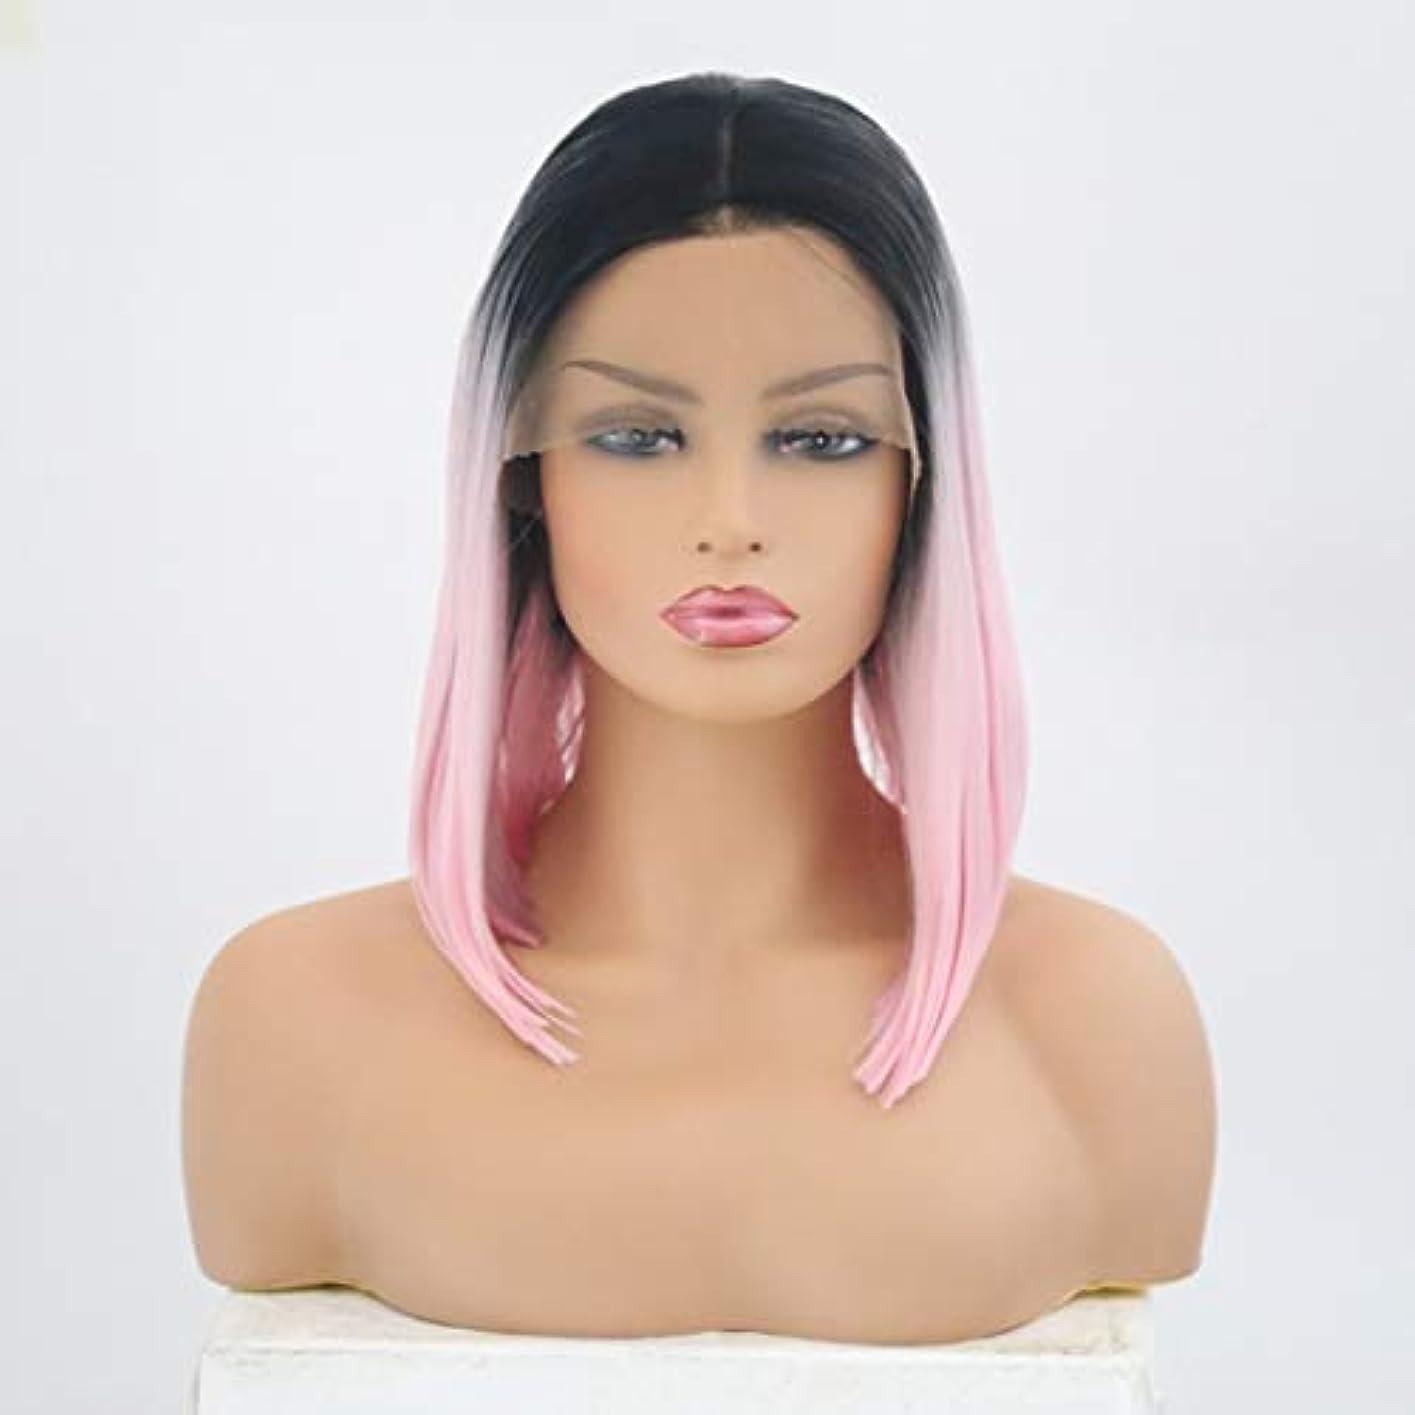 ポットマット枕Kerwinner 女性のための前髪の人工毛フロントレース付きショートボブウィッグ